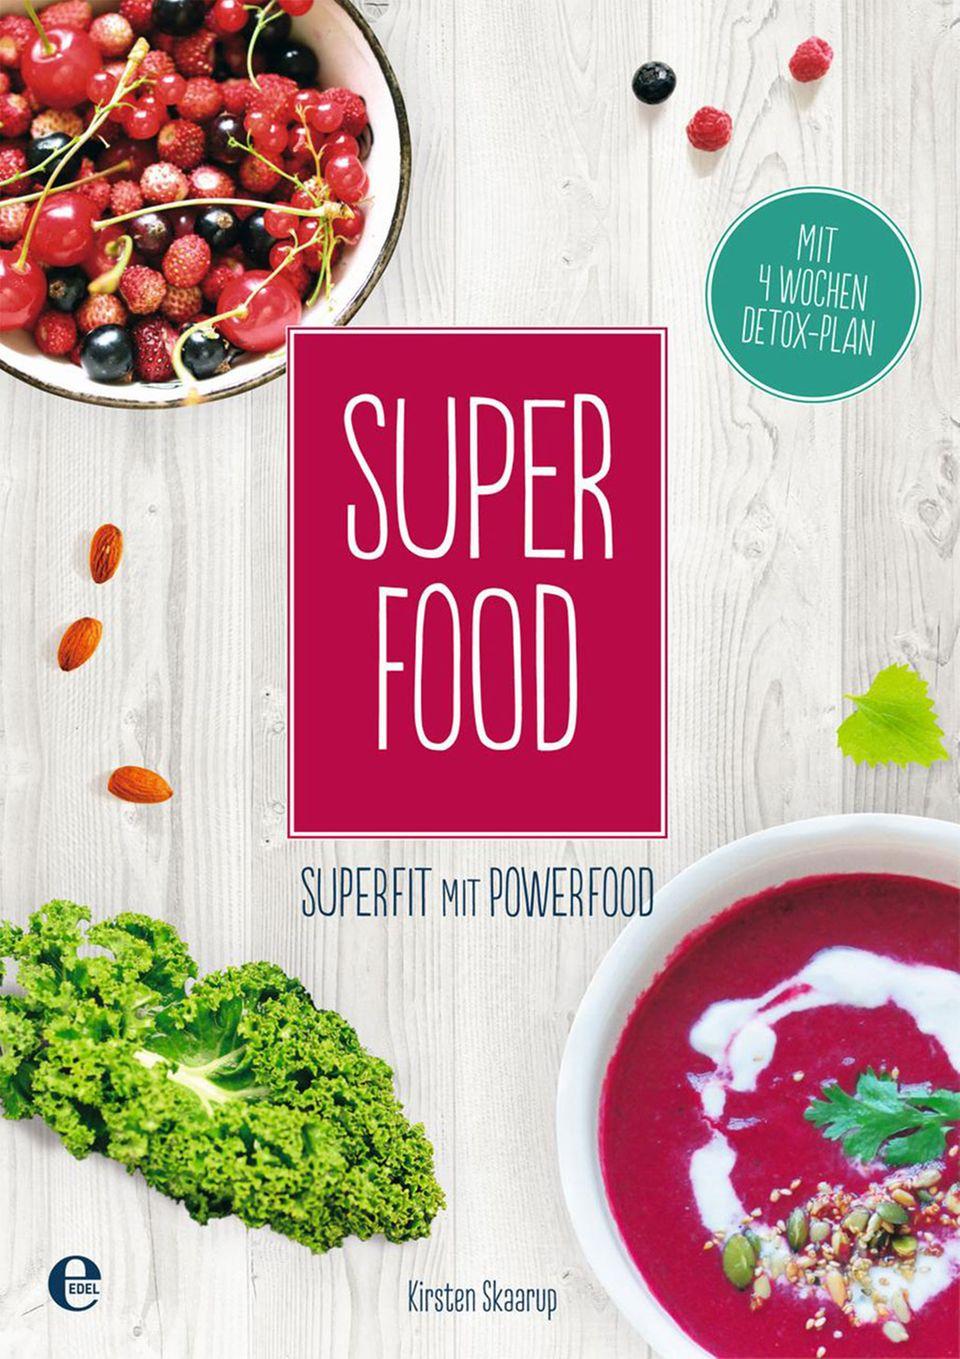 Das Buch macht Appetit auf frisches Obst und Gemüse!